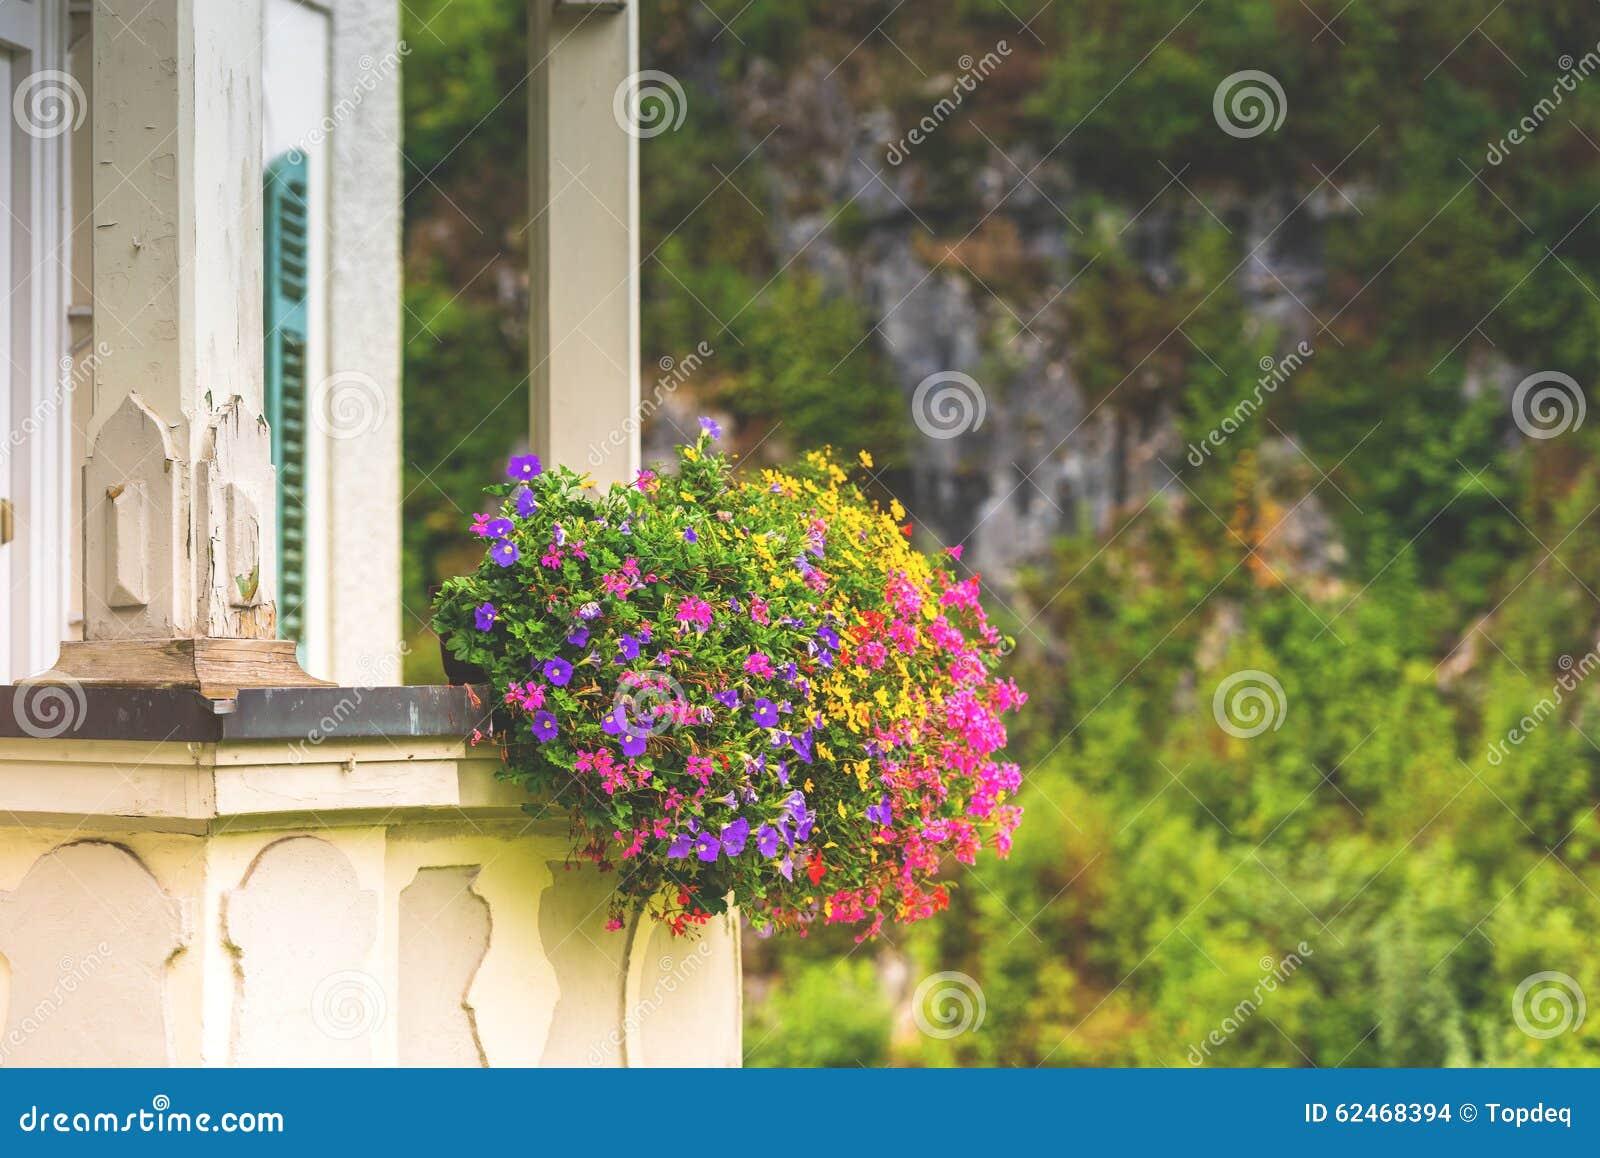 hausfassade mit balkon und blumen stockfoto bild 62468394. Black Bedroom Furniture Sets. Home Design Ideas